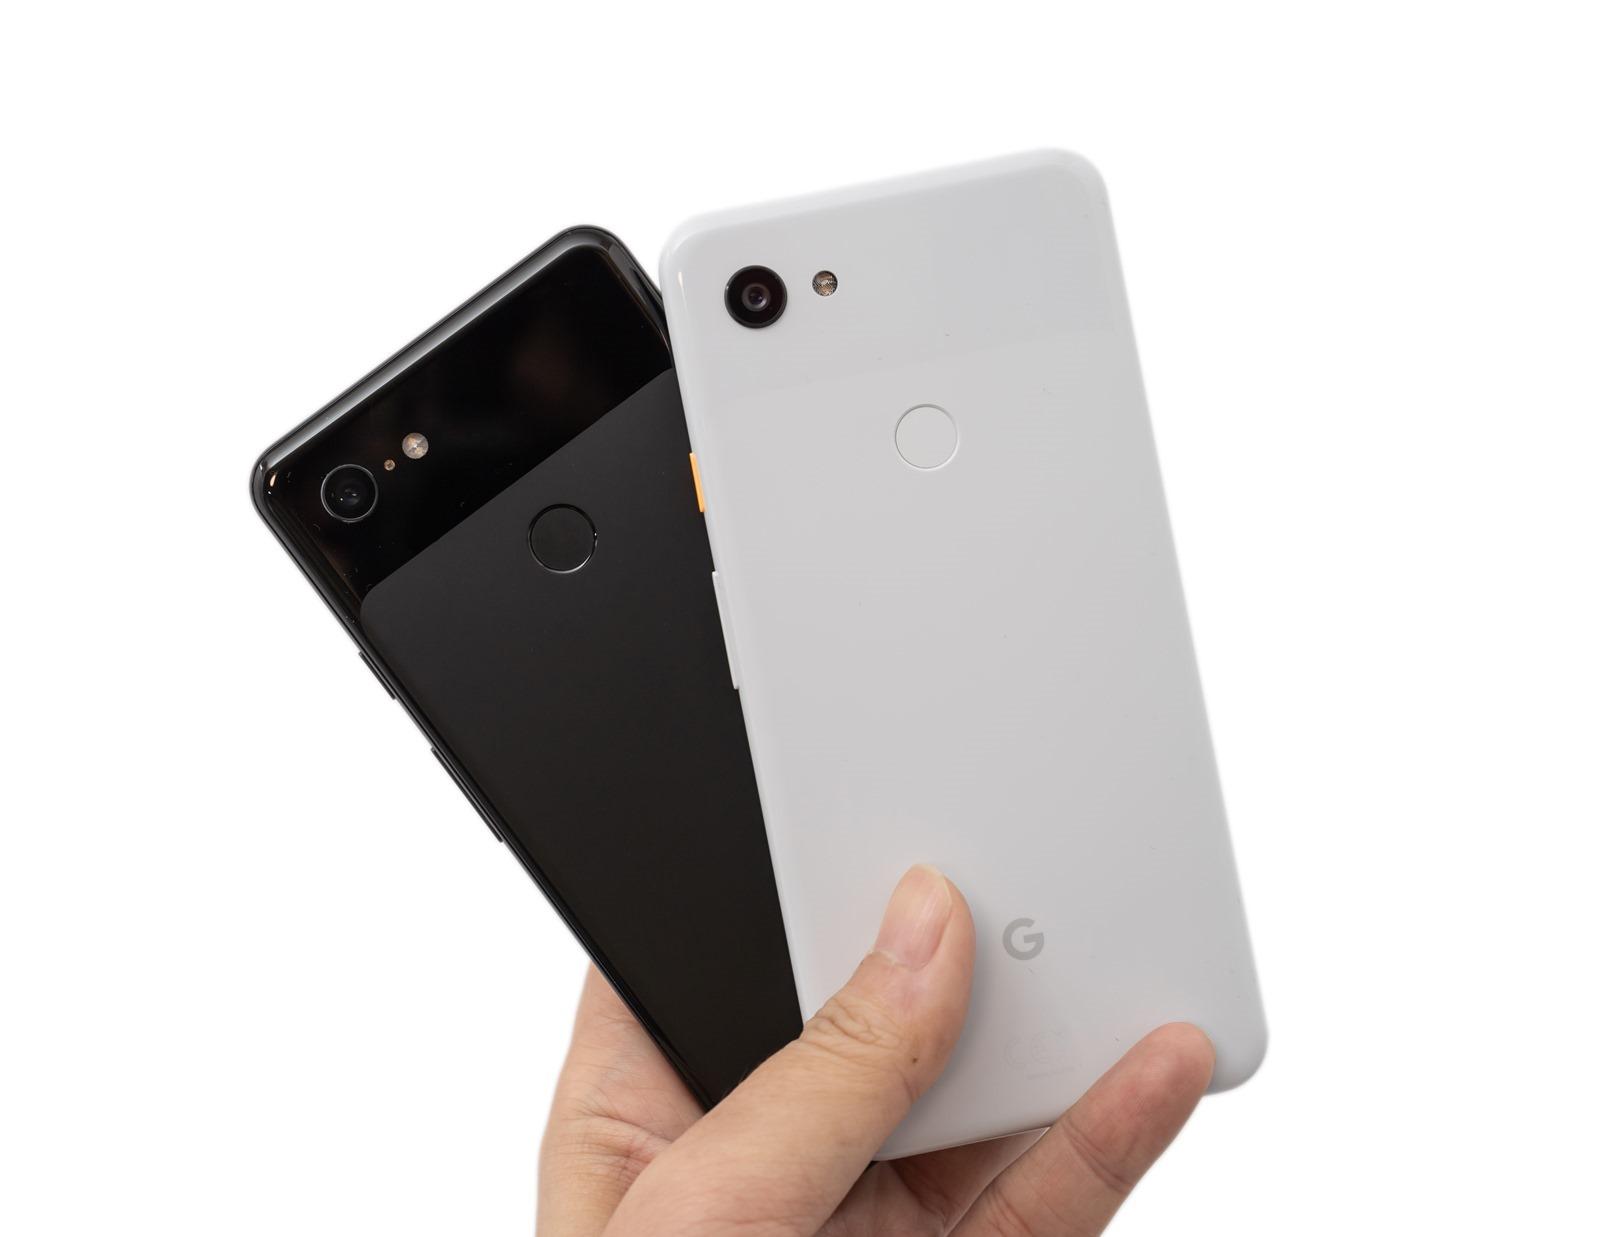 Google Pixel 3a & 3a XL (2) 性能與電力測試 ( Google Pixel 3a & 3a XL performance & battery test) (5/14 更新) @3C 達人廖阿輝